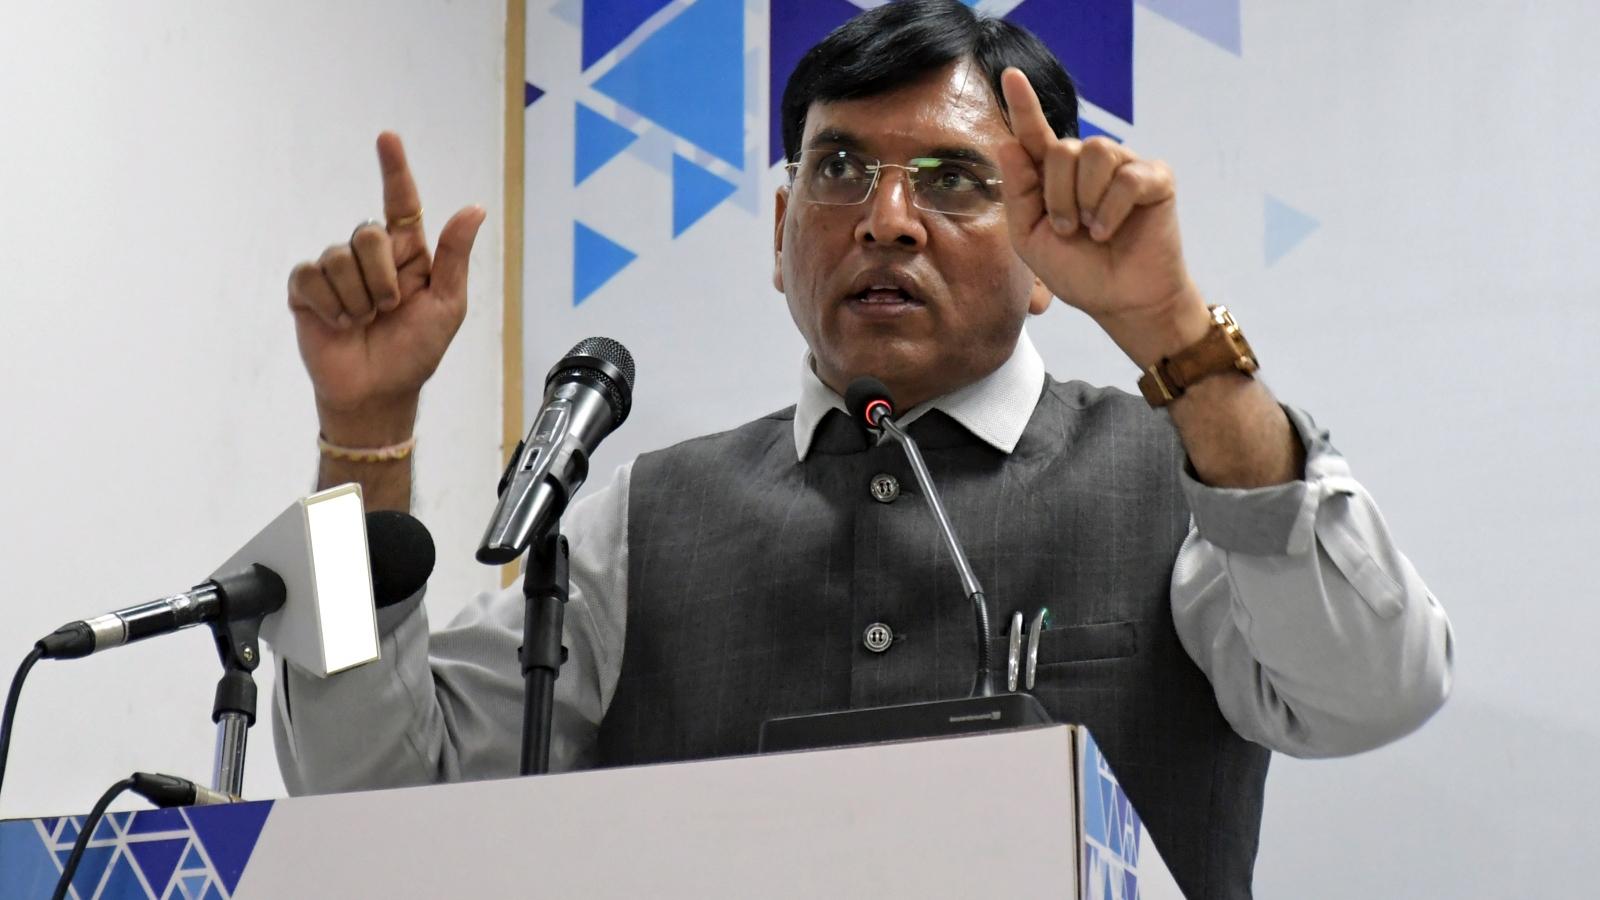 Ấn Độ khôi phục xuất khẩu vaccine Covid-19 từ tháng 10